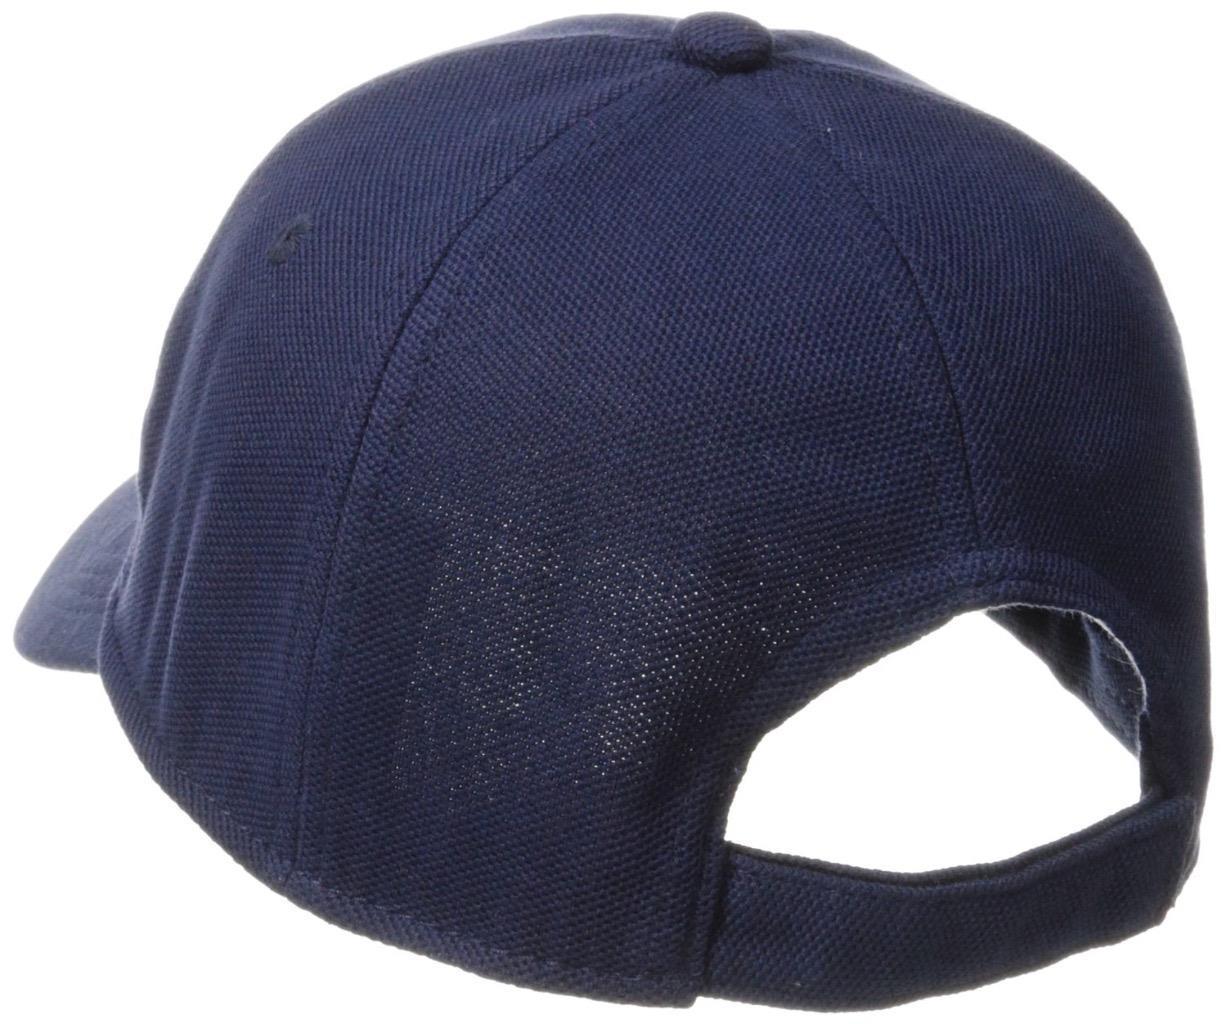 f823241d700 Lacoste Men s Classic Baseball Premium Cotton Pique Croc Logo Hat ...